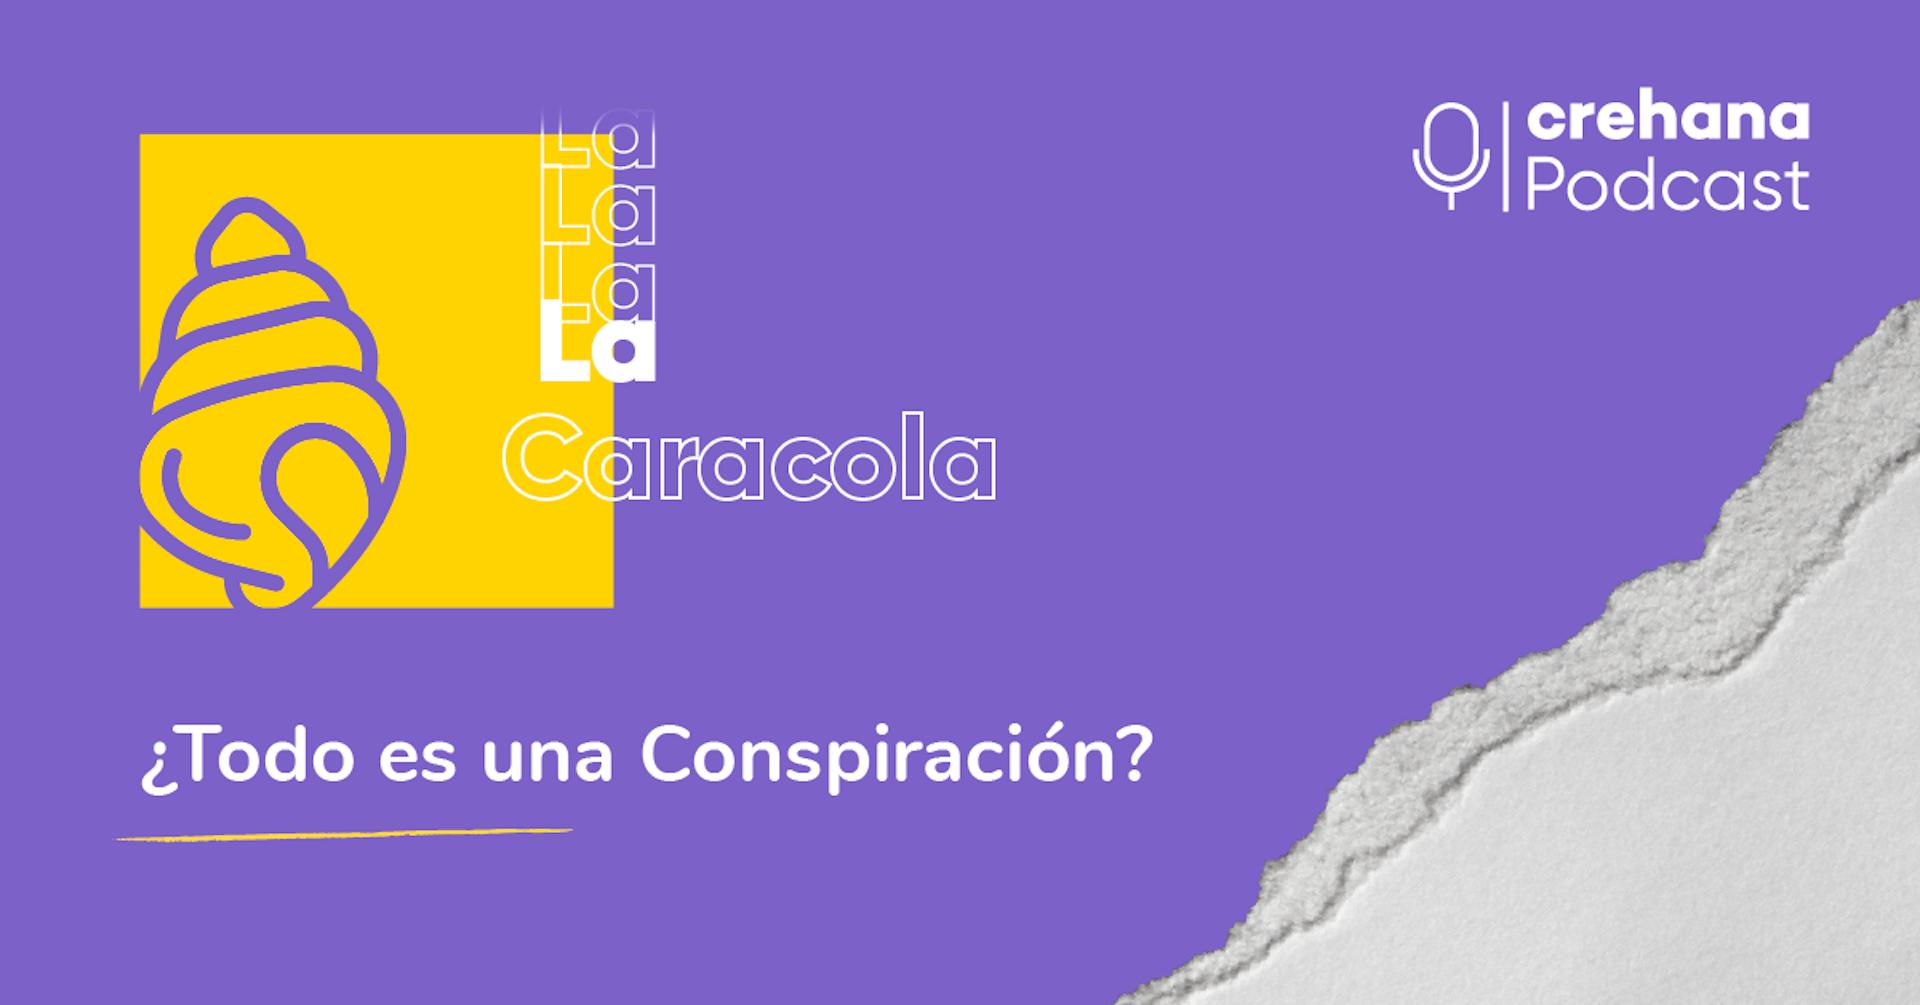 La Caracola Podcast, episodio 5: ¿Todo es una Conspiración?